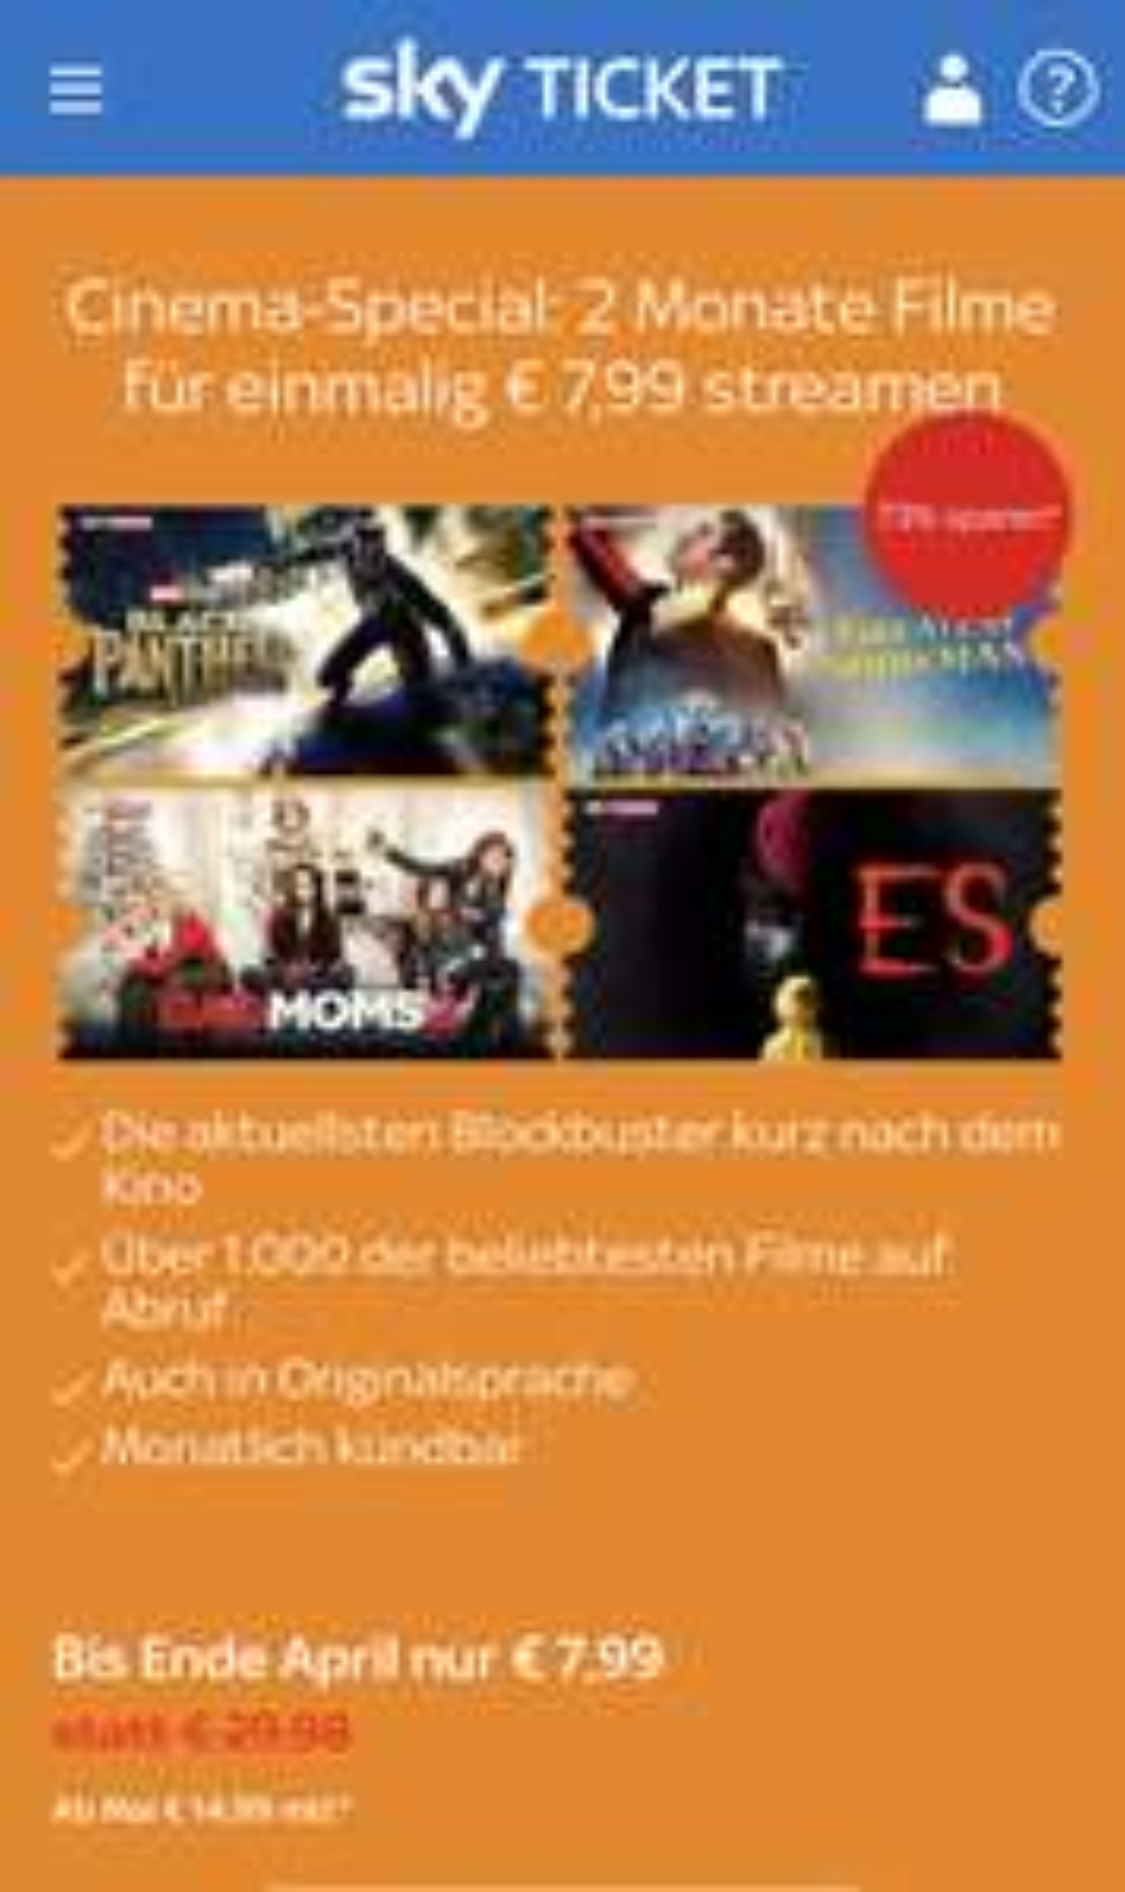 Sky Ticket Cinema bis Ende April einmalig 7,99 Euro.